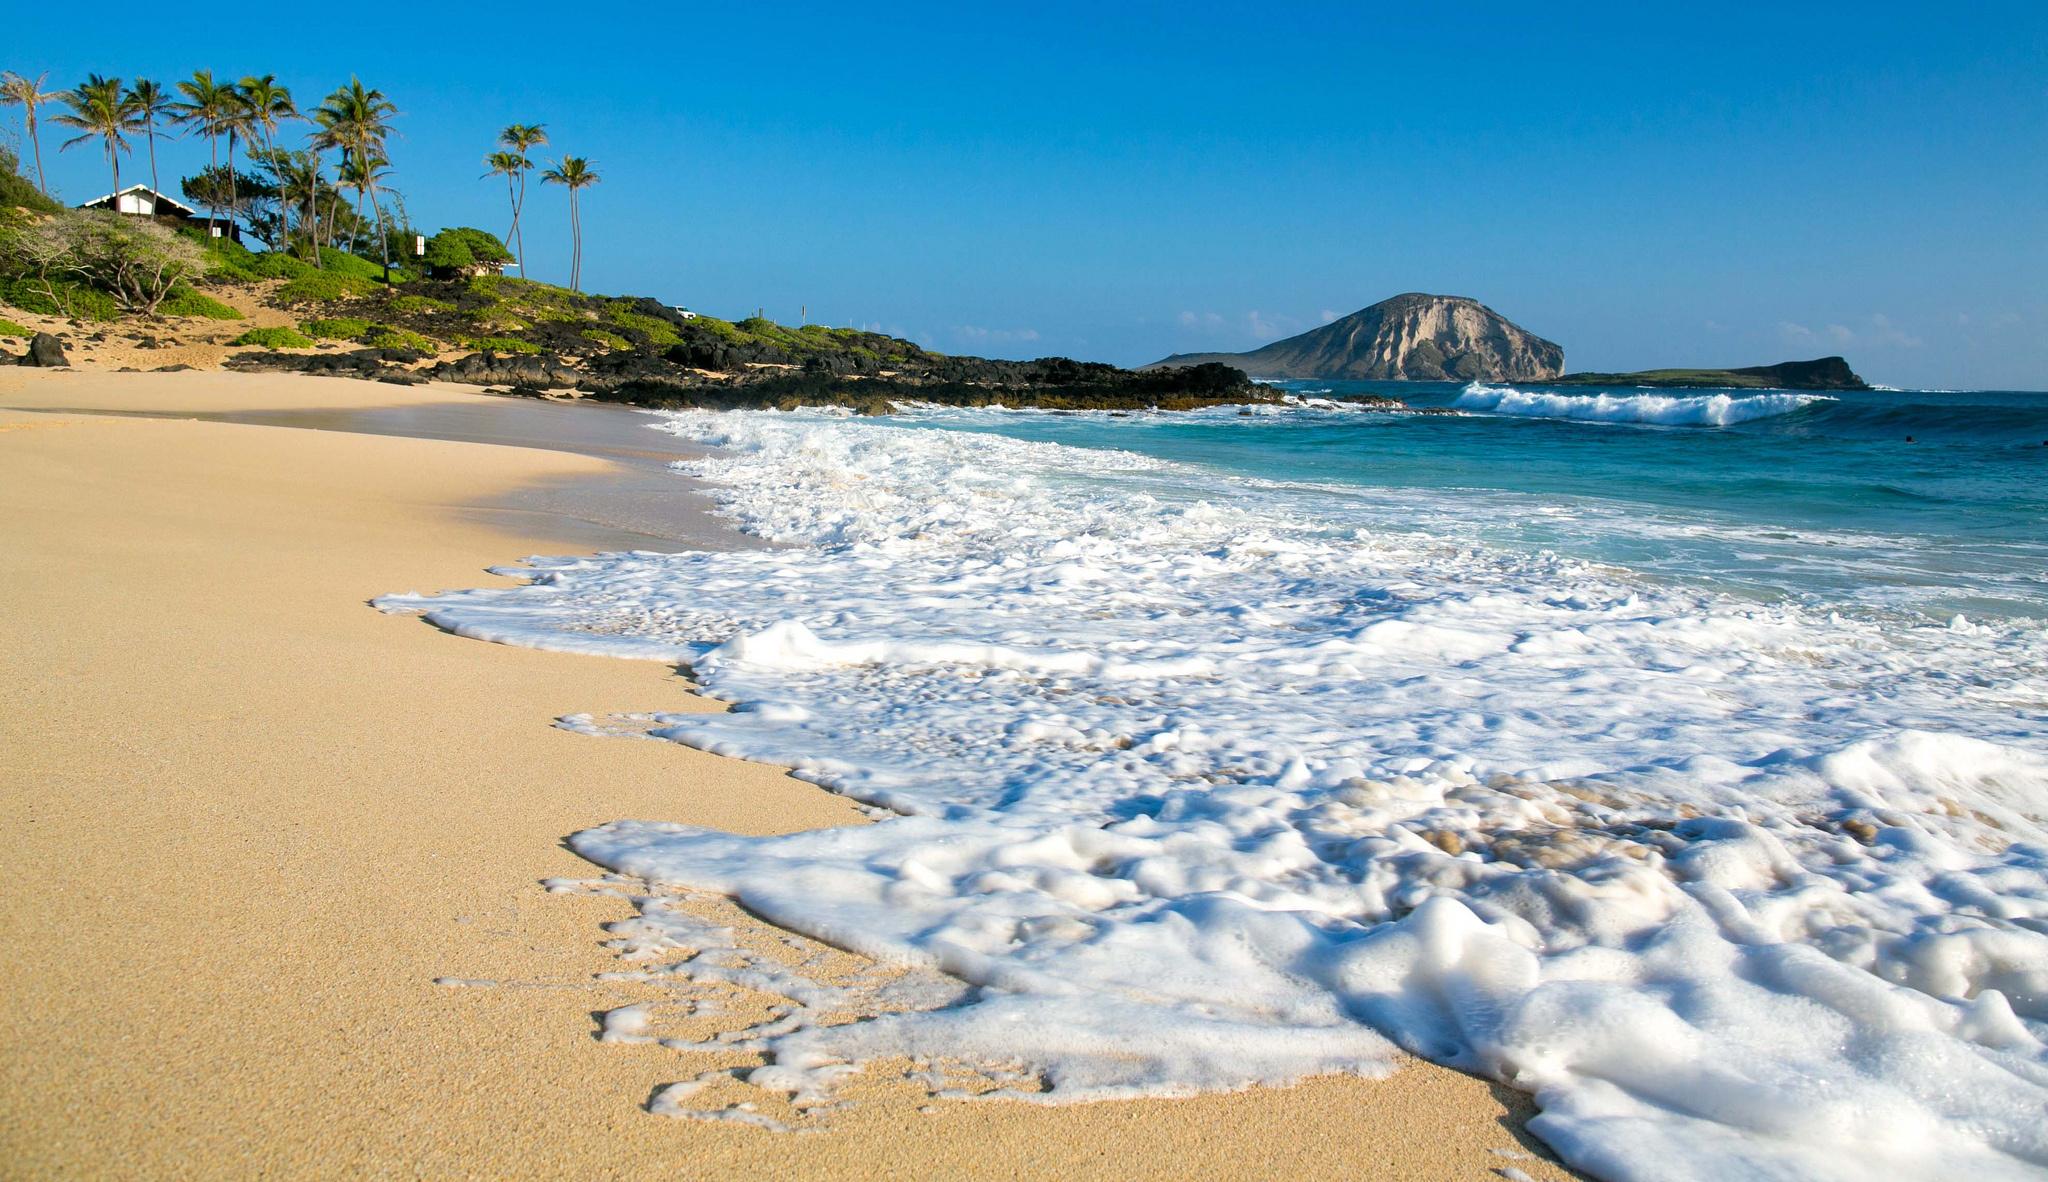 узнав картинки морского пляжа на рабочий стол непонимании, они